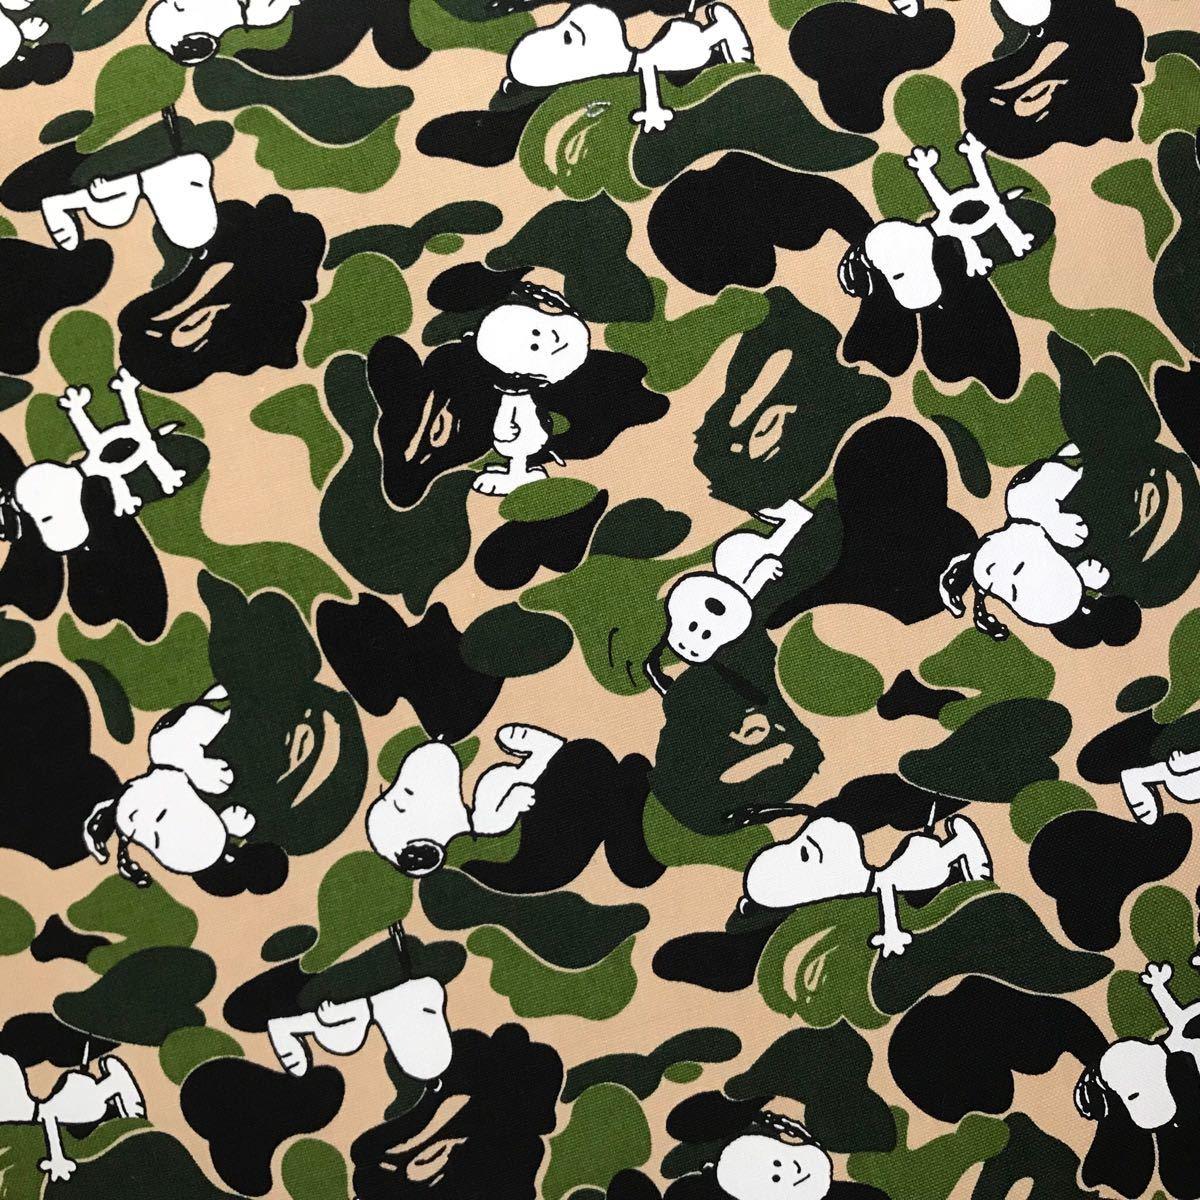 ★新品★ スヌーピー ABC camo big cushion a bathing ape BAPE ビッグ クッション ABCカモ エイプ ベイプ snoopy peanuts ピーナッツ 迷彩